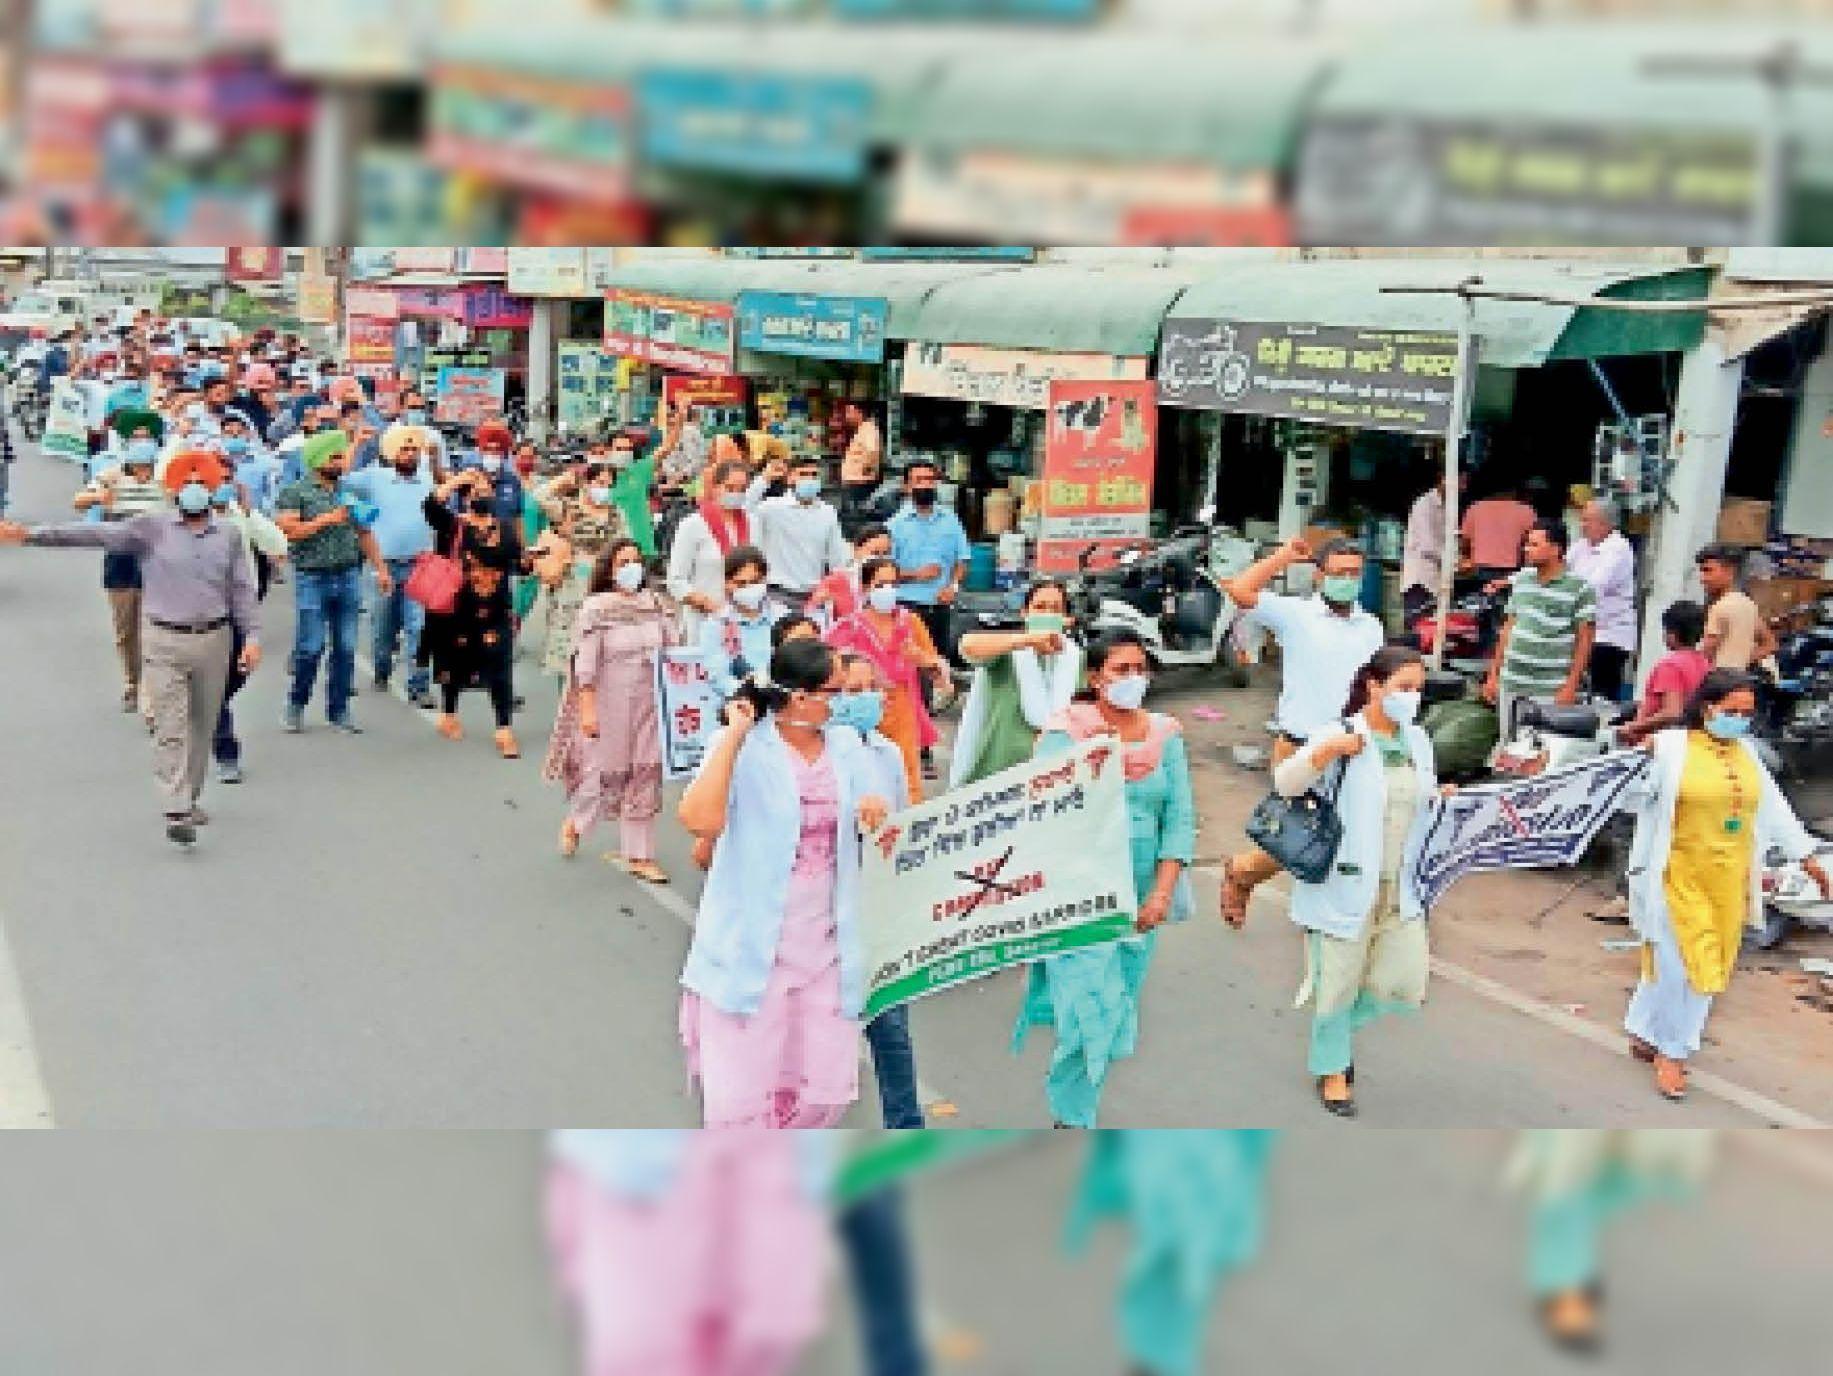 संगरूर में सरकार के खिलाफ रोष मार्च निकालते जिलेभर से आए डॉक्टर्स।                           -भास्कर - Dainik Bhaskar